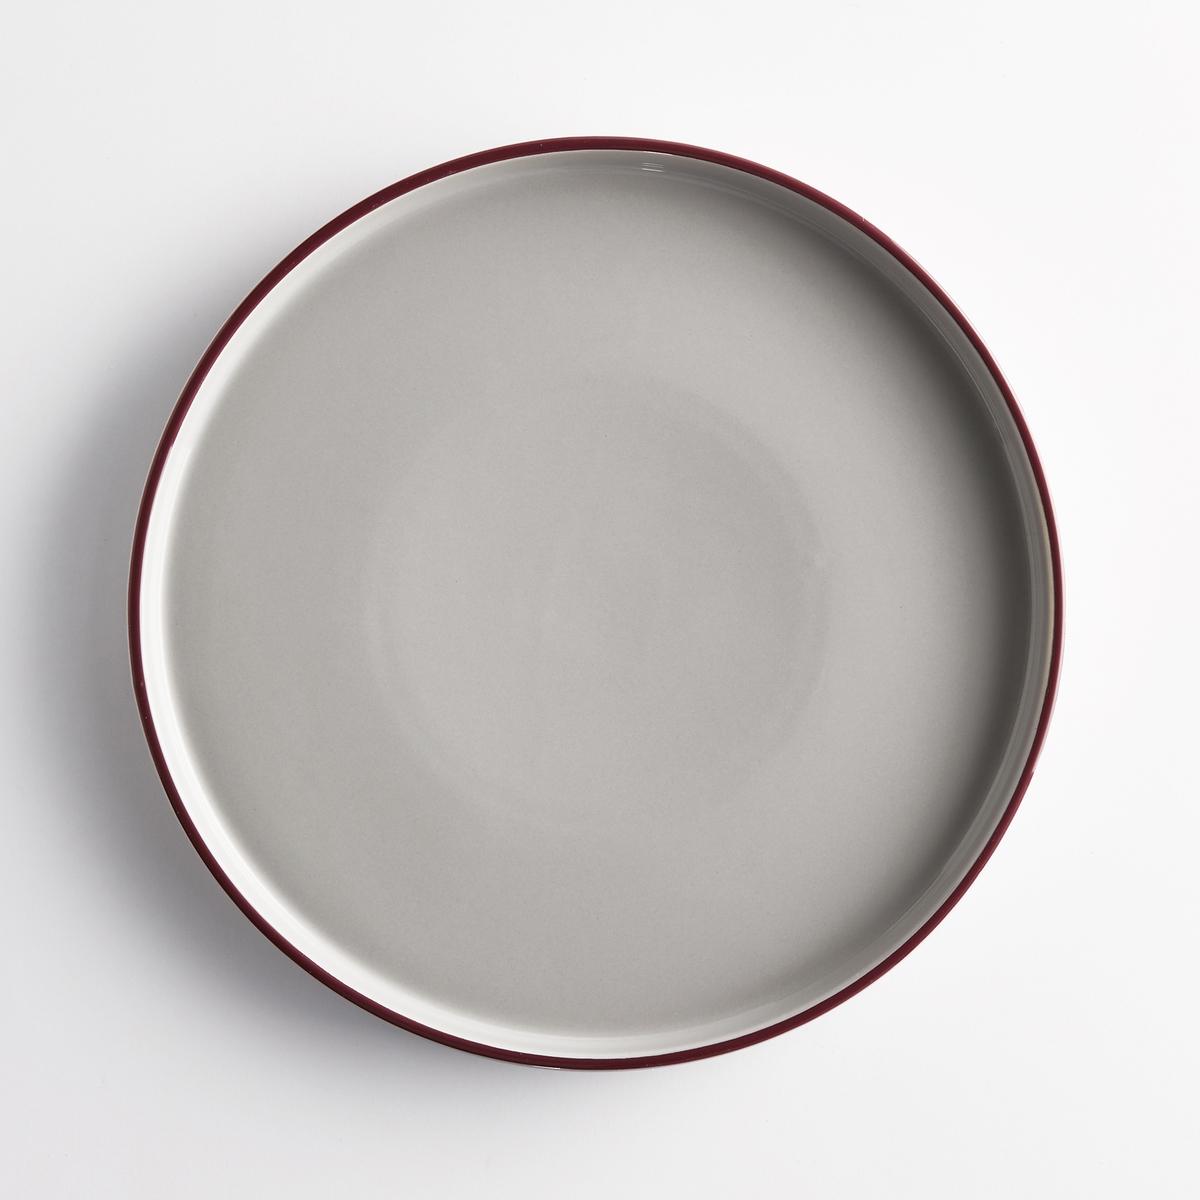 Комплект из 4 плоских тарелок, DRIKSOLОписание:Комплект из 4 плоских тарелок, DRISKOL Характеристики 4 разноцветных плоских тарелок Driskol : •  Керамика. •  Разноцветный геометрический рисунок.Размеры 4 разноцветных плоских тарелок Driskol : •  ?27 смРасцветка : •  Серый с контрастной каймой.Другие тарелки и предметы декора стола вы можете найти на сайте laredoute.ru<br><br>Цвет: разноцветный<br>Размер: единый размер